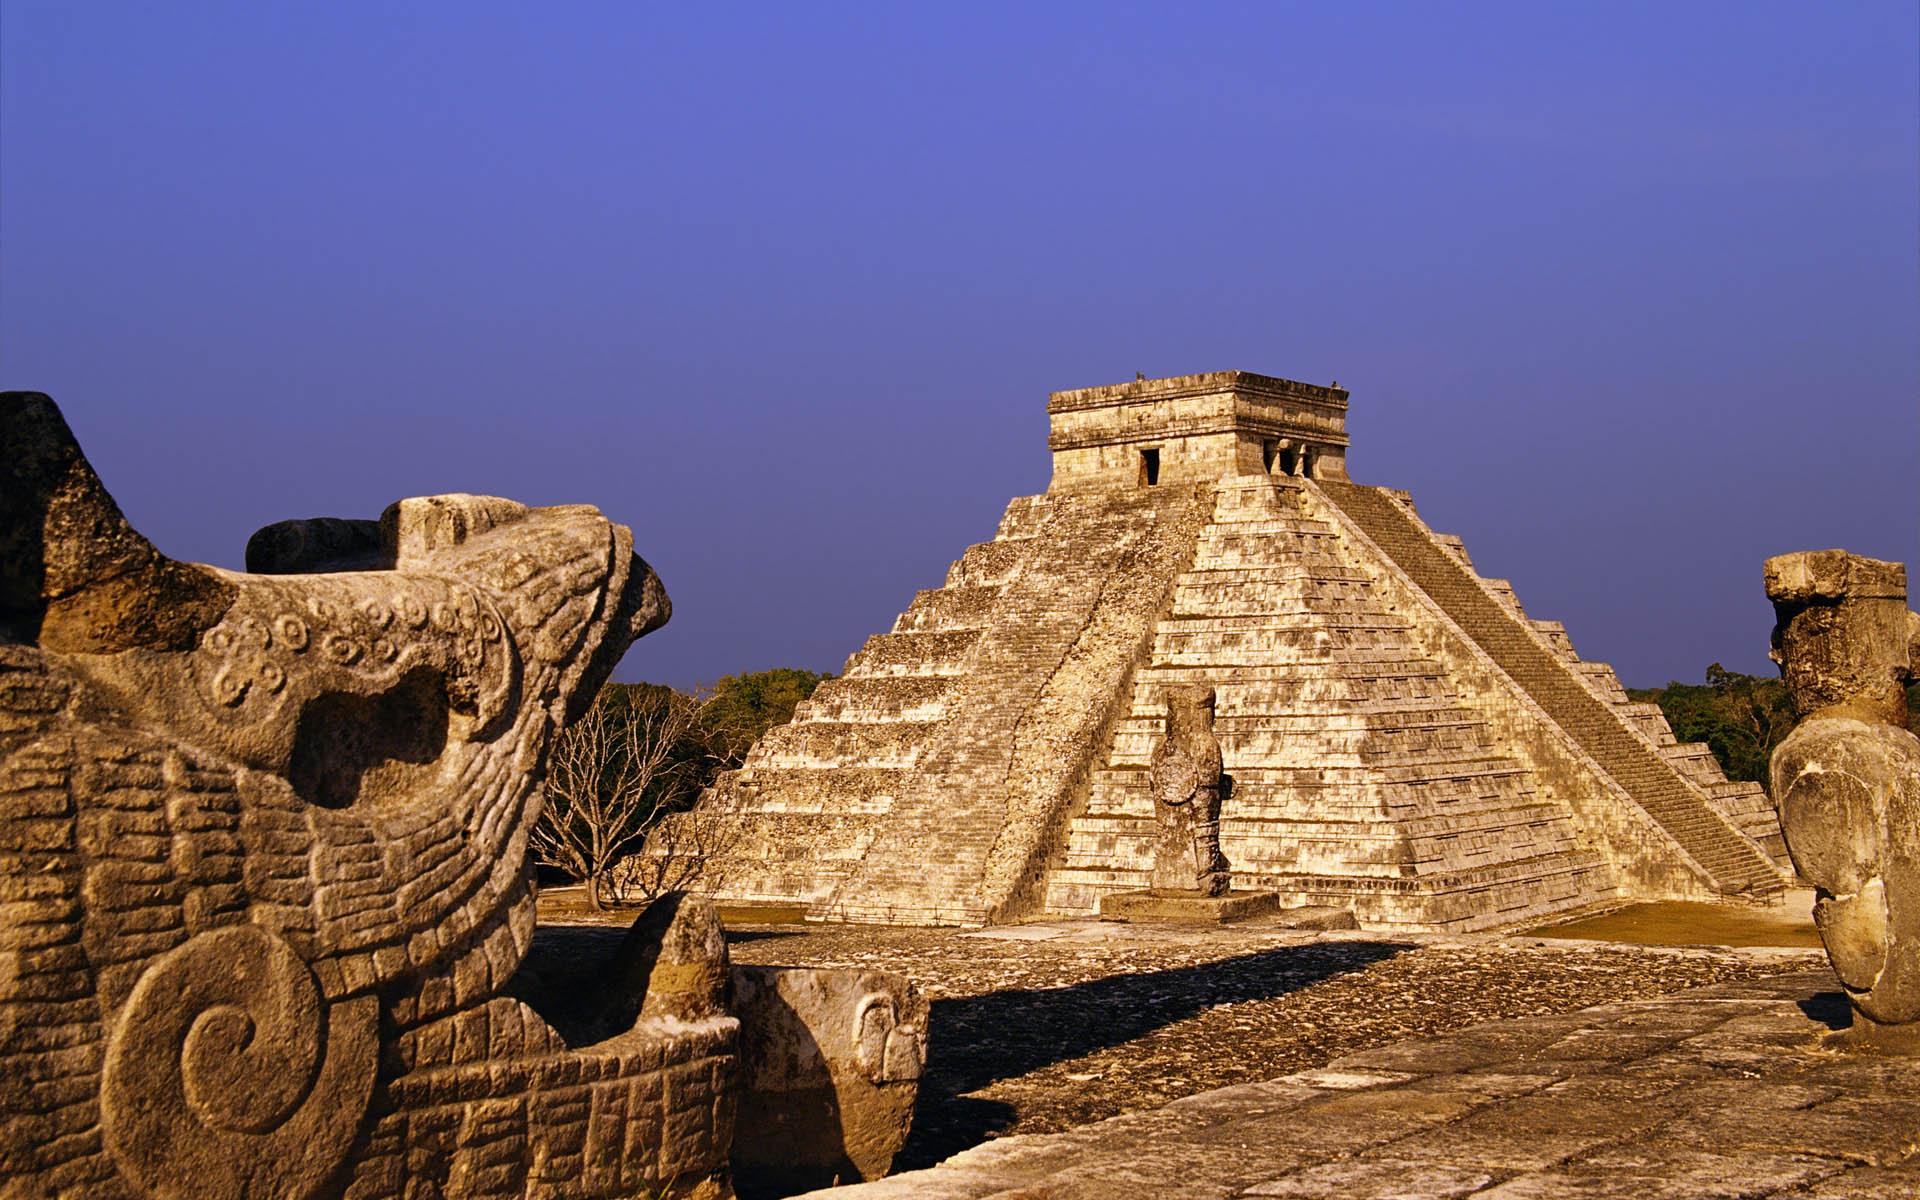 外星人建造金字塔证据 金字塔藏外星人大秘密